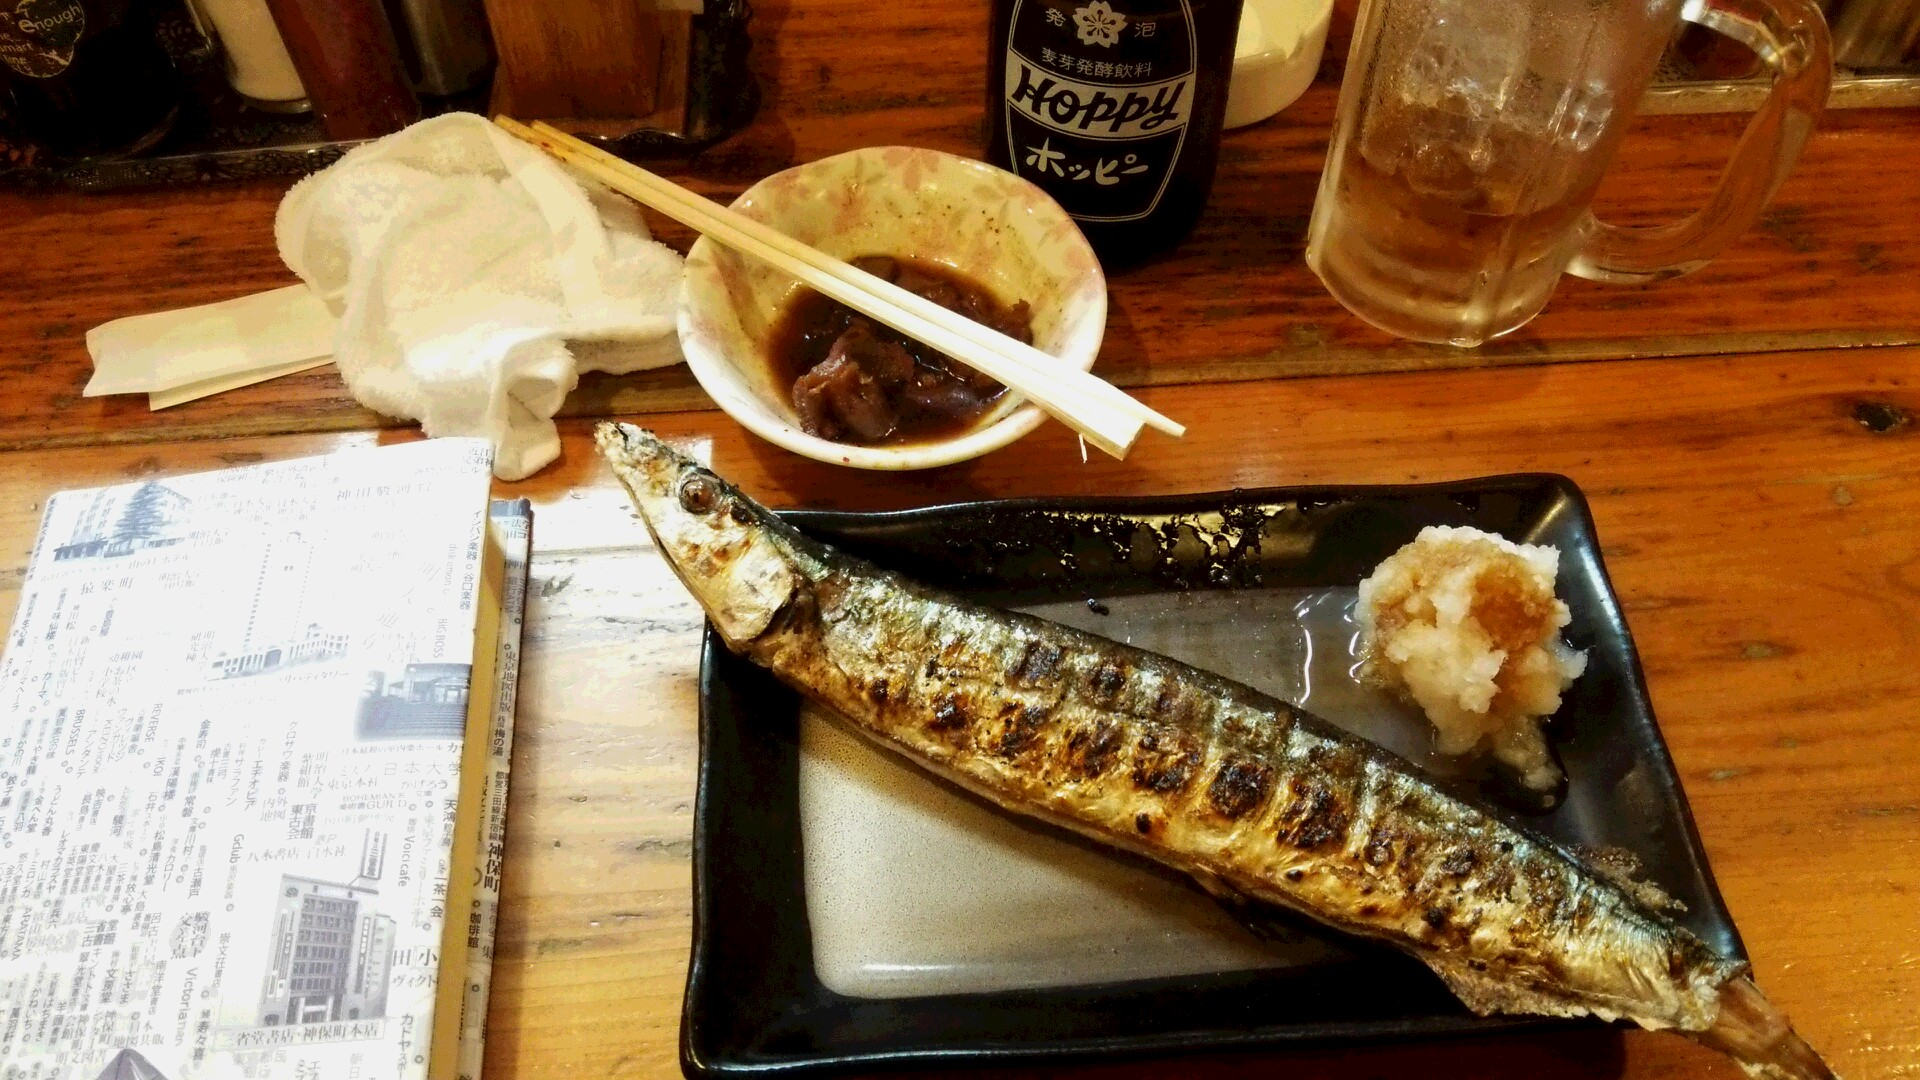 秋刀魚の塩焼きとホッピー